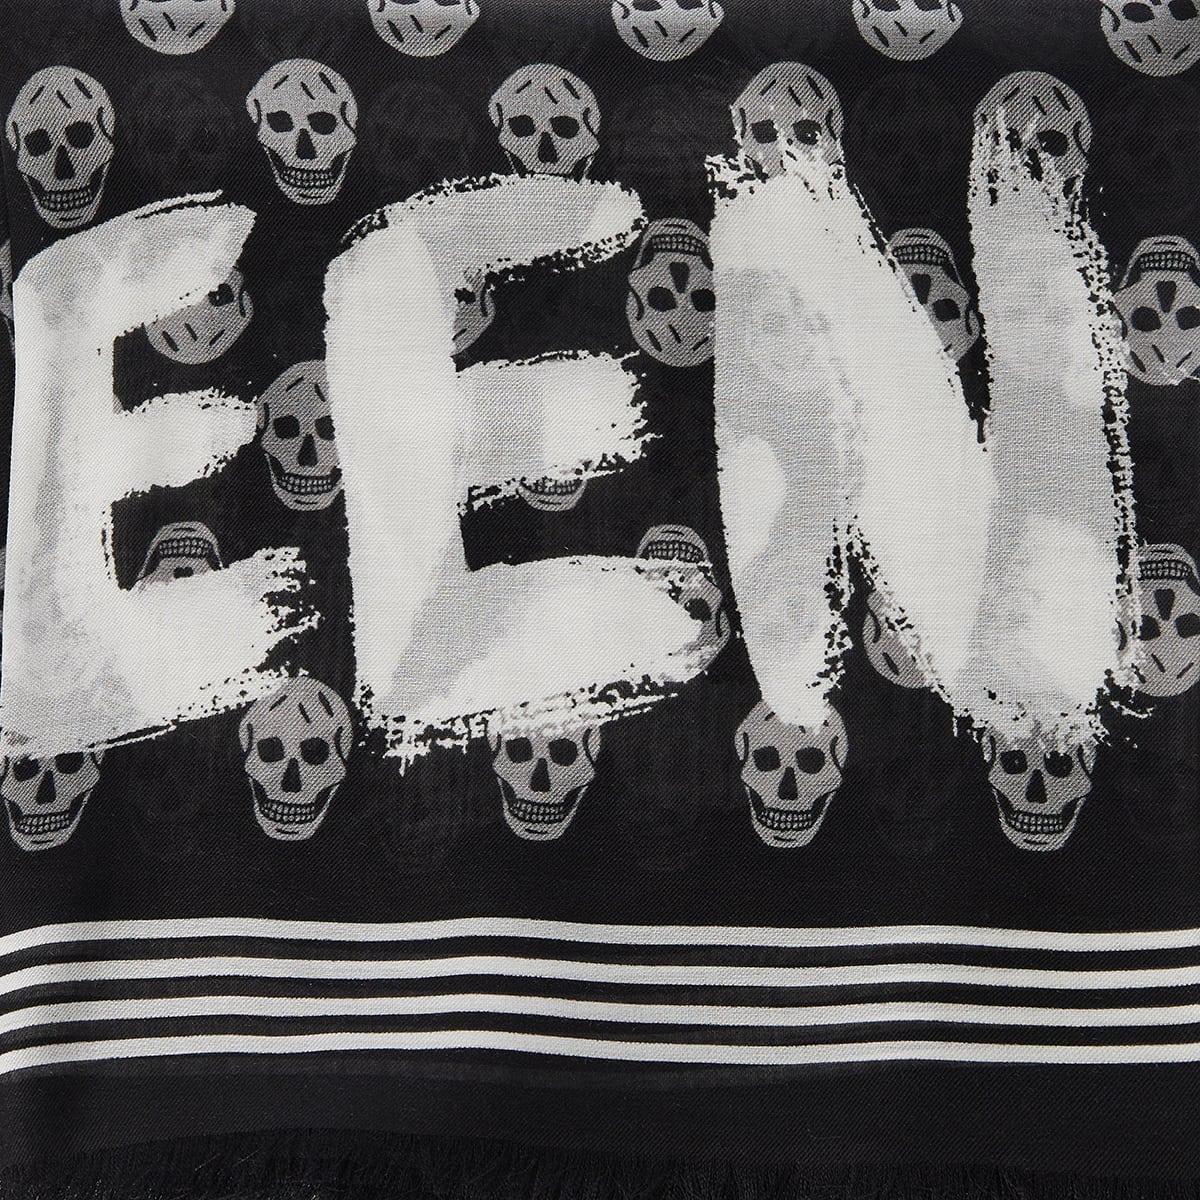 Skull logo scarf